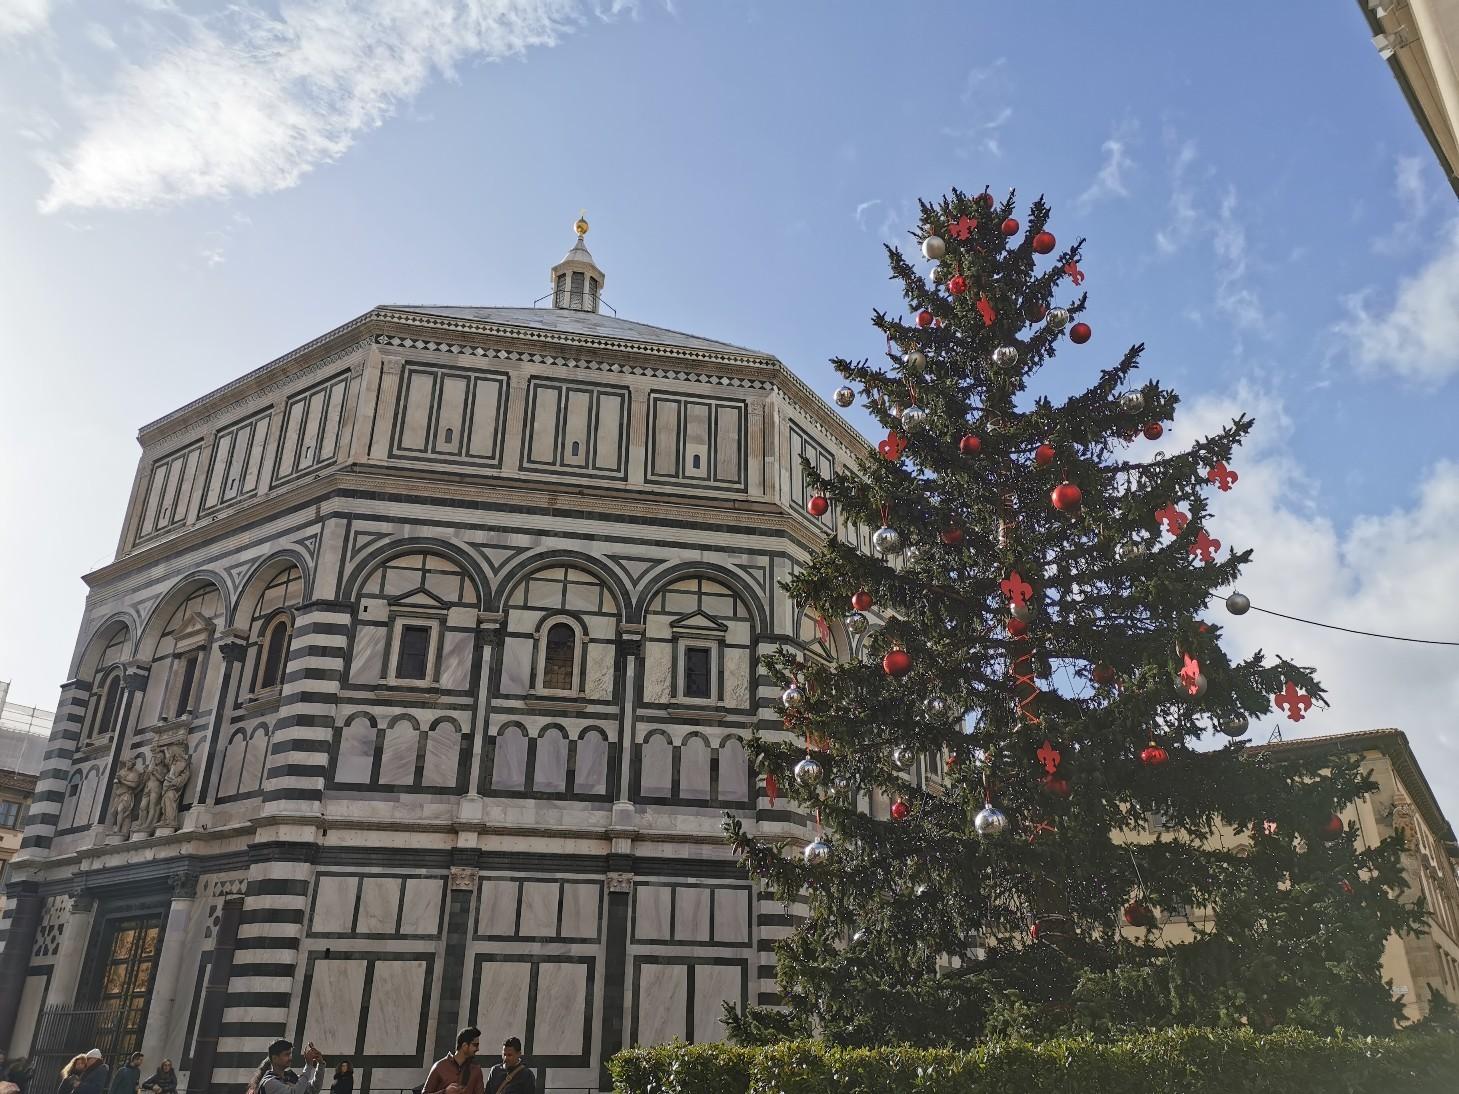 フィレンツェのクリスマスツリー点灯式_f0106597_21415094.jpg